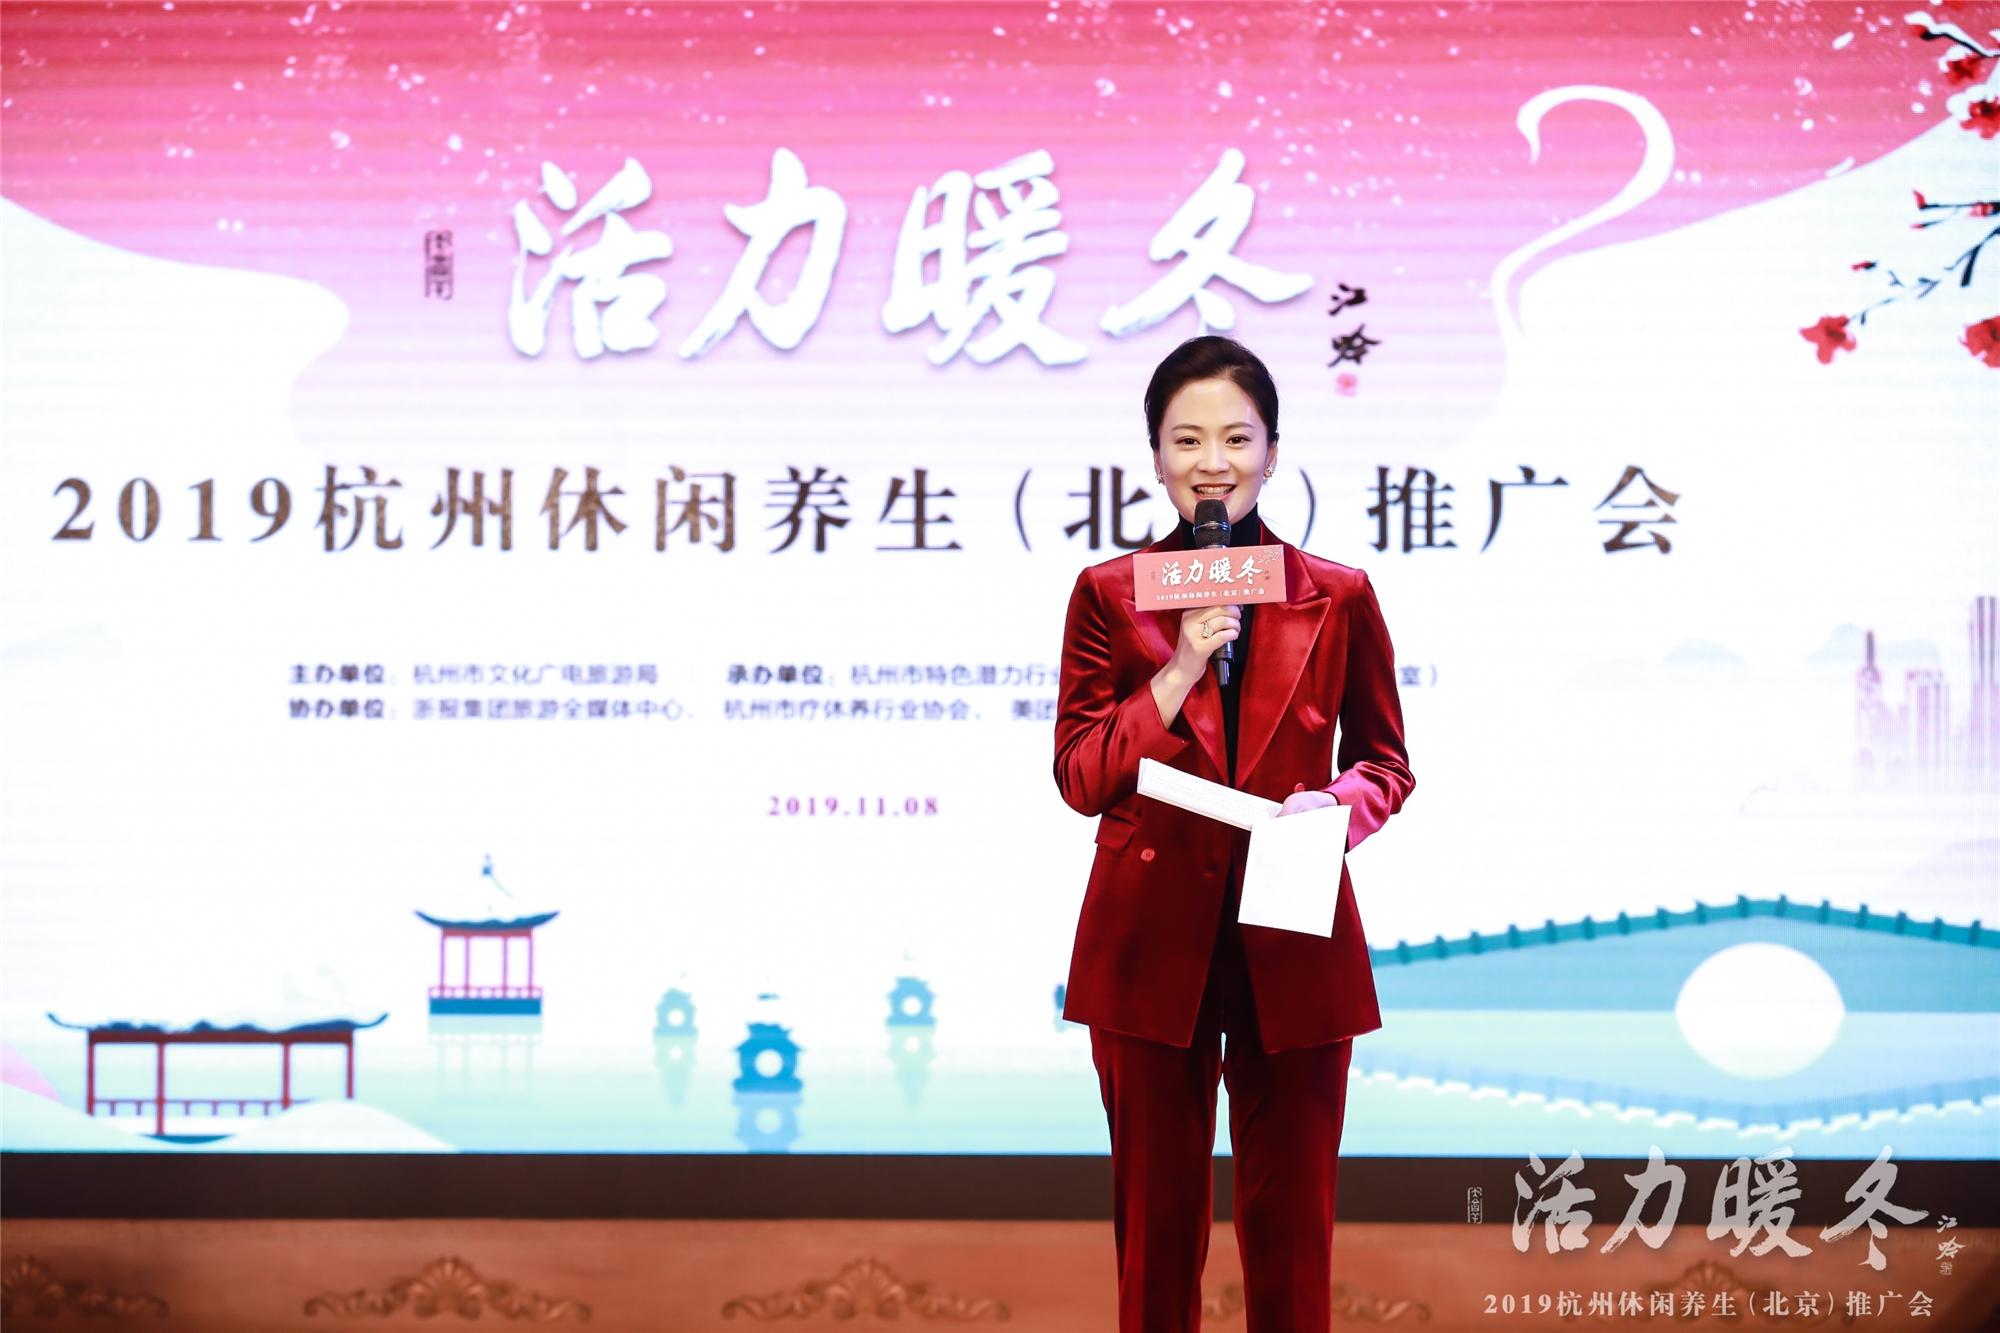 活力暖冬 养生杭州 2019杭州休闲养生资源北京